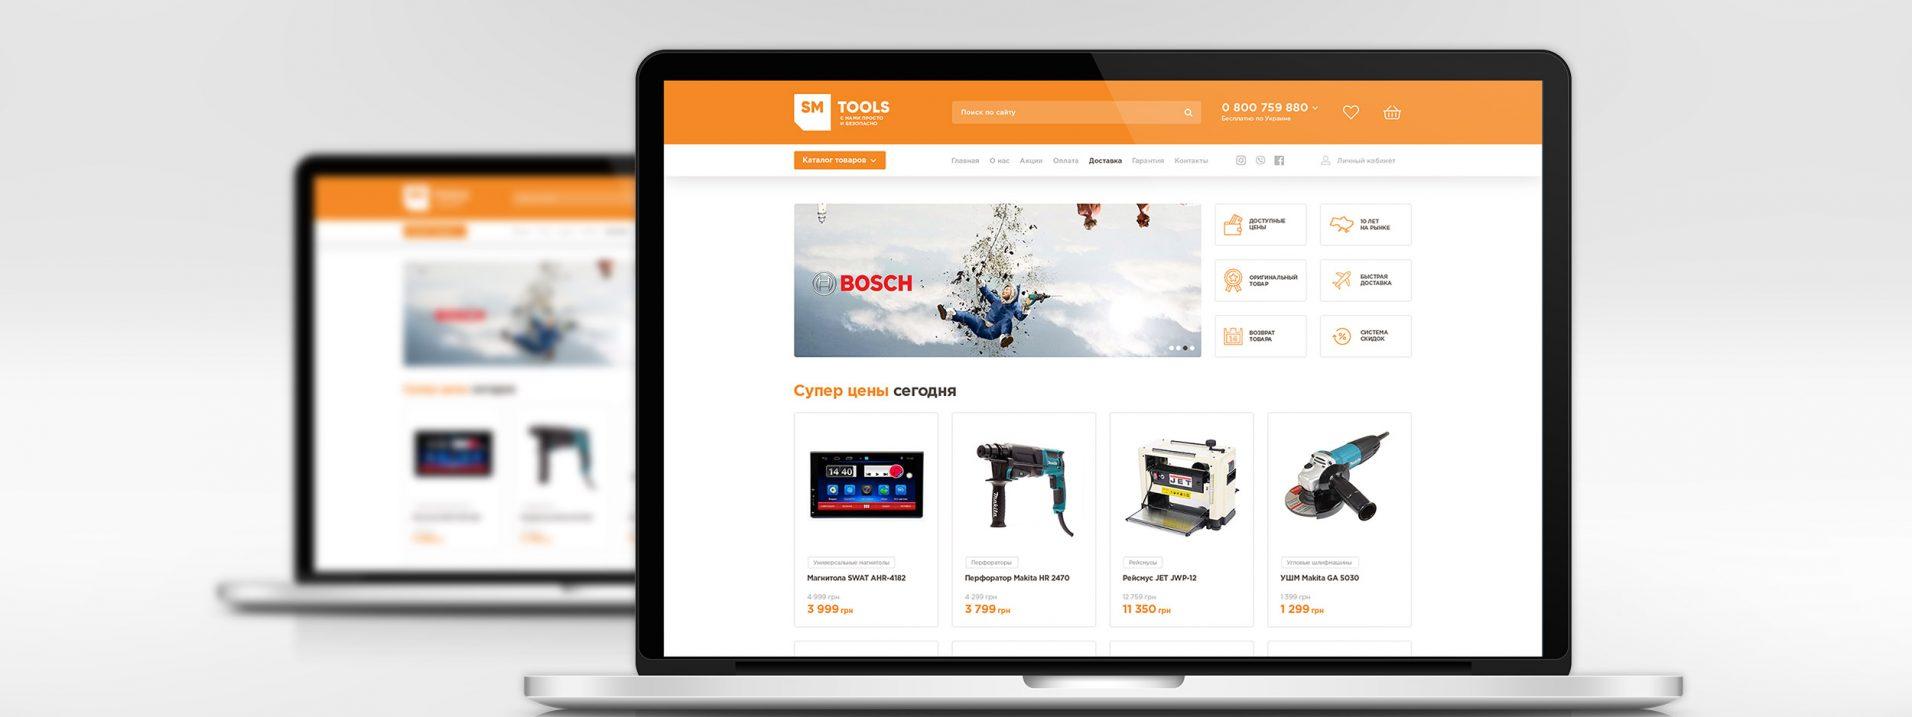 sm-tools